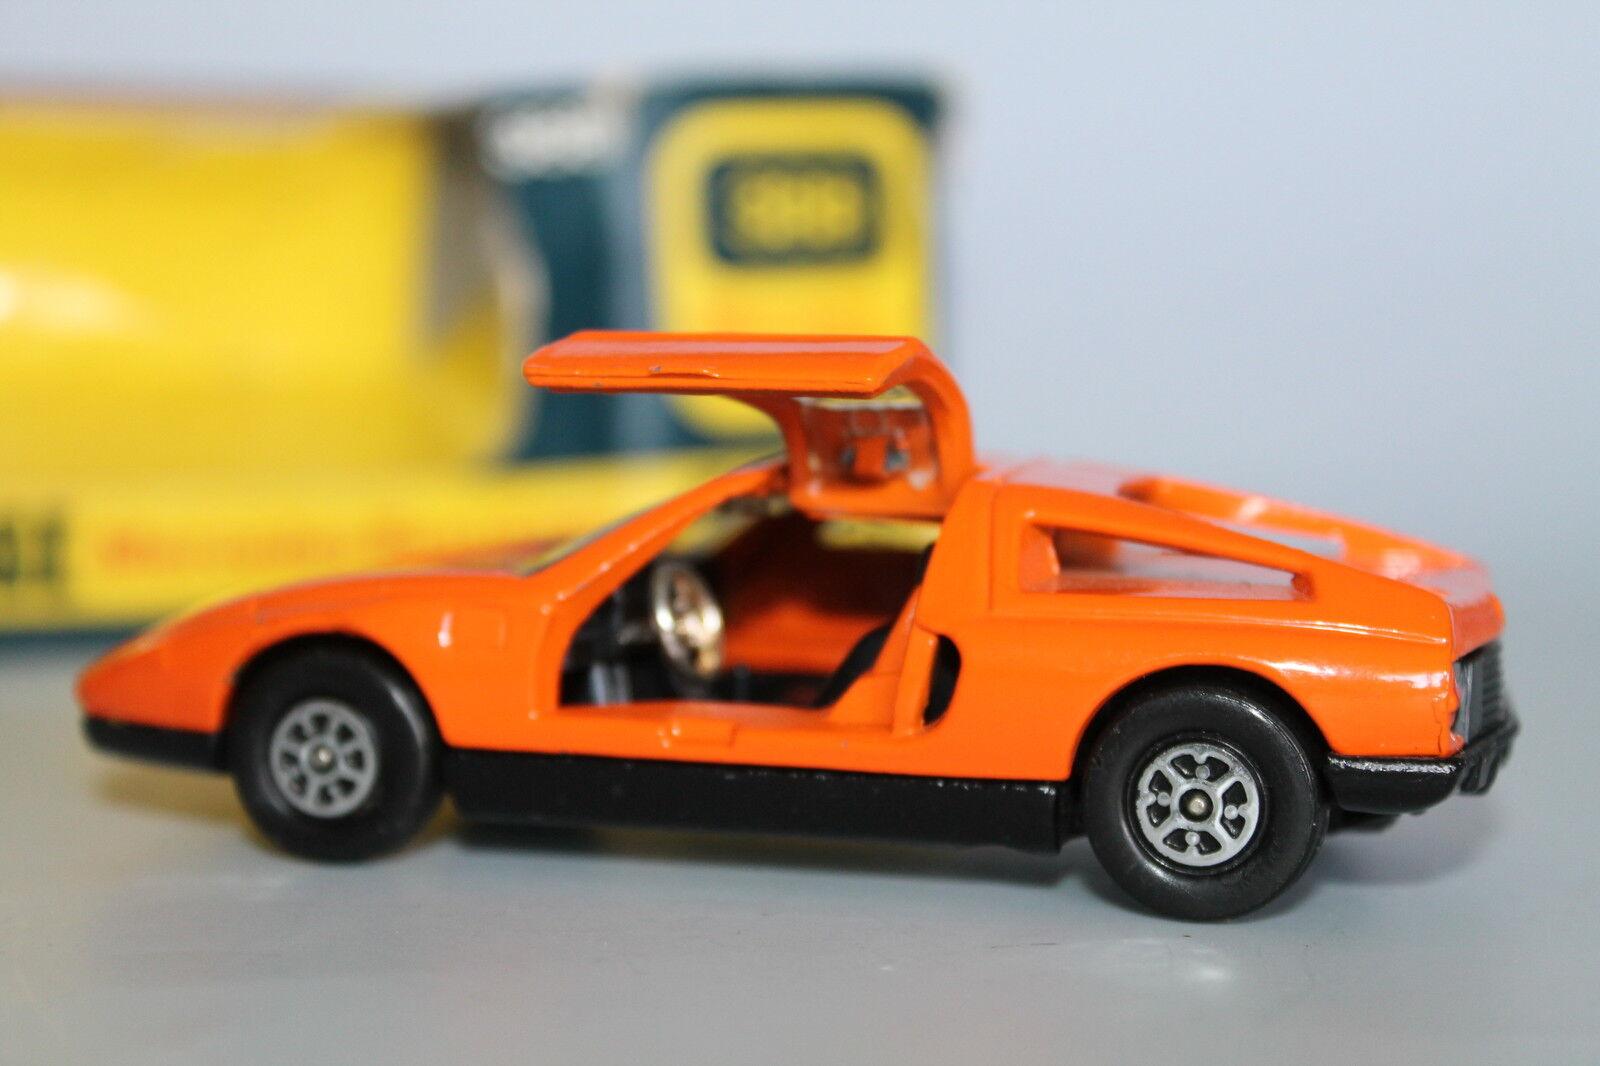 Senza tasse CORGI giocattoli  MERCEDES BENZ c111  OVP  1 1 1 43  TOP Condizione  vendita con alto sconto